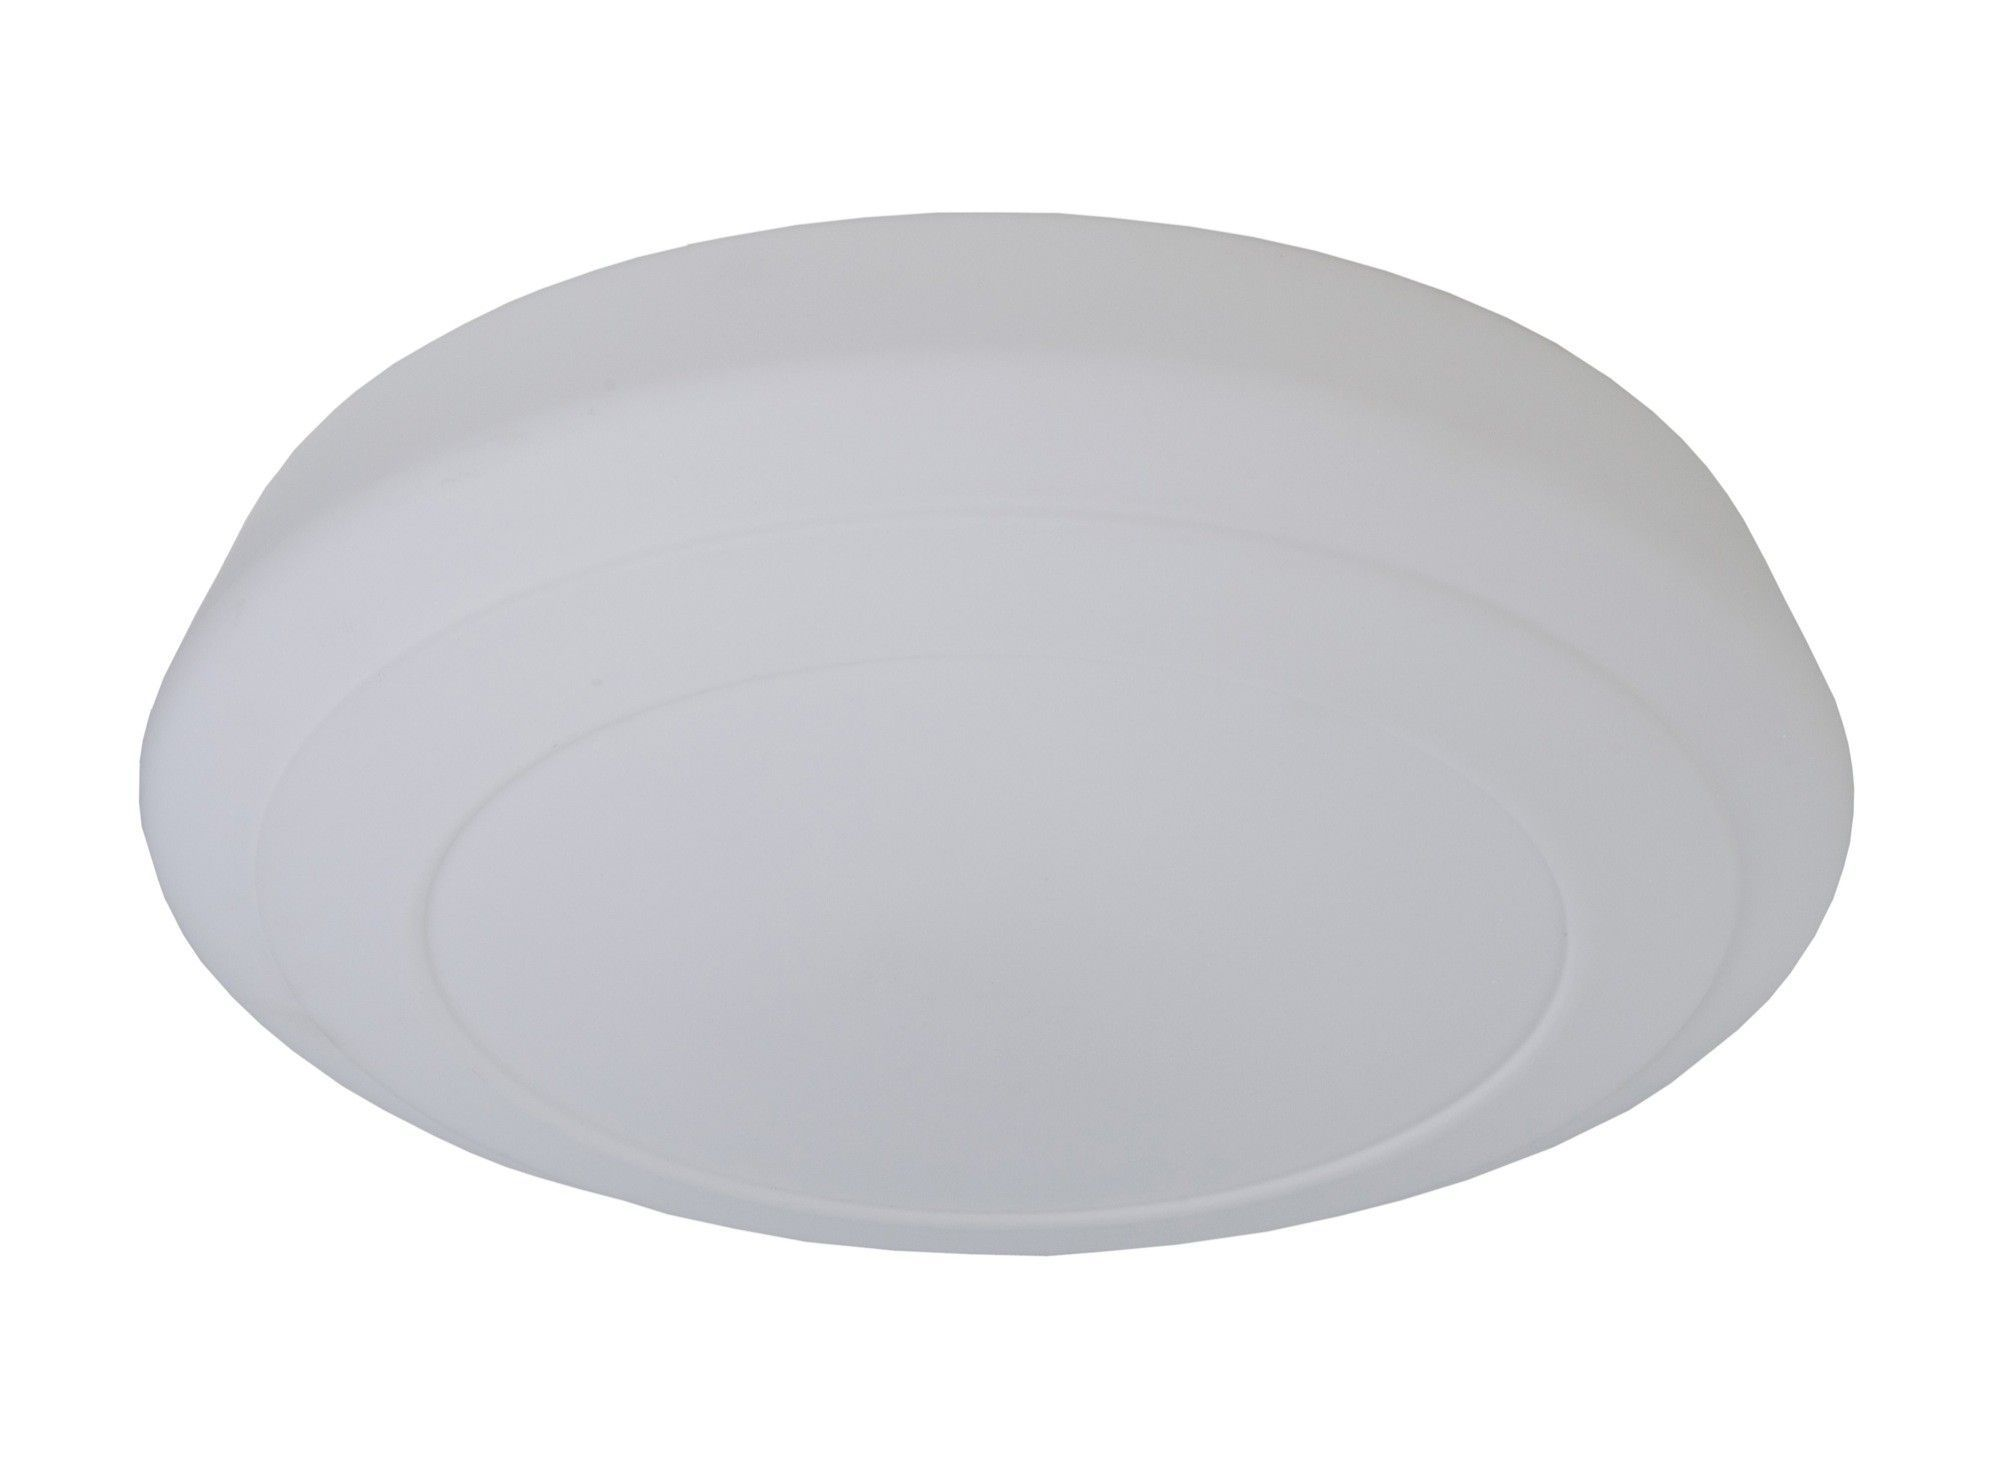 Dunwoody 2 Light Flush Mount White Ceiling Fan Ceiling Fan Ceiling Fixtures